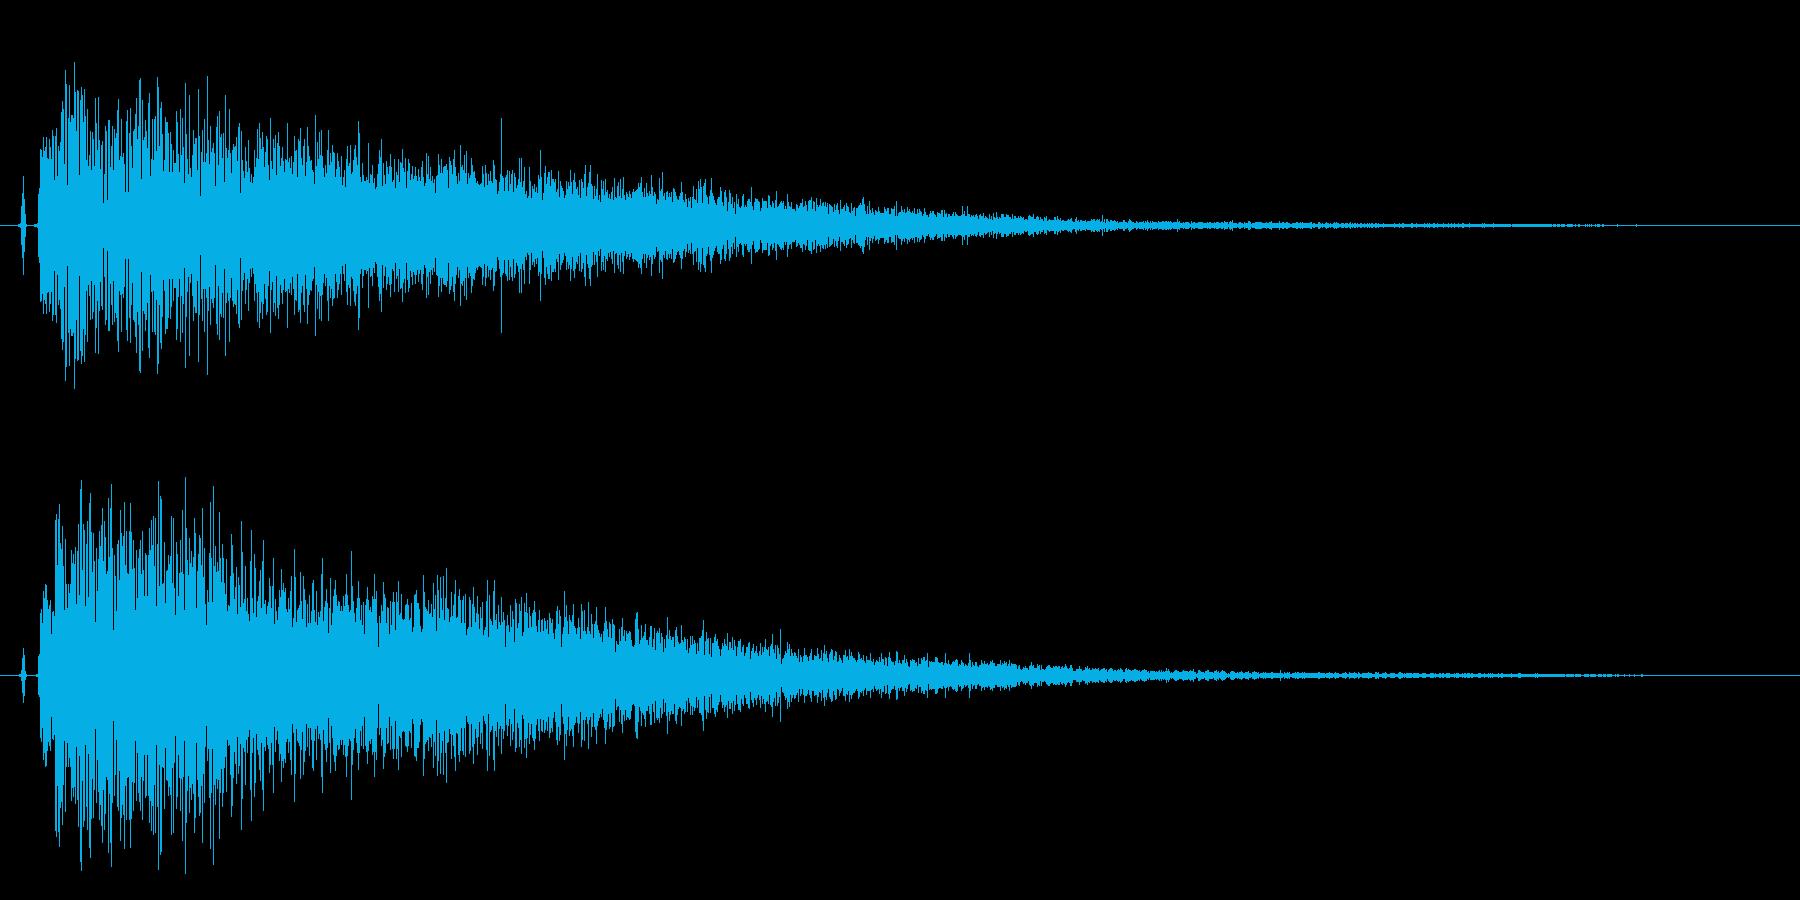 【チャイナシンバル7】中国風な演出に最適の再生済みの波形